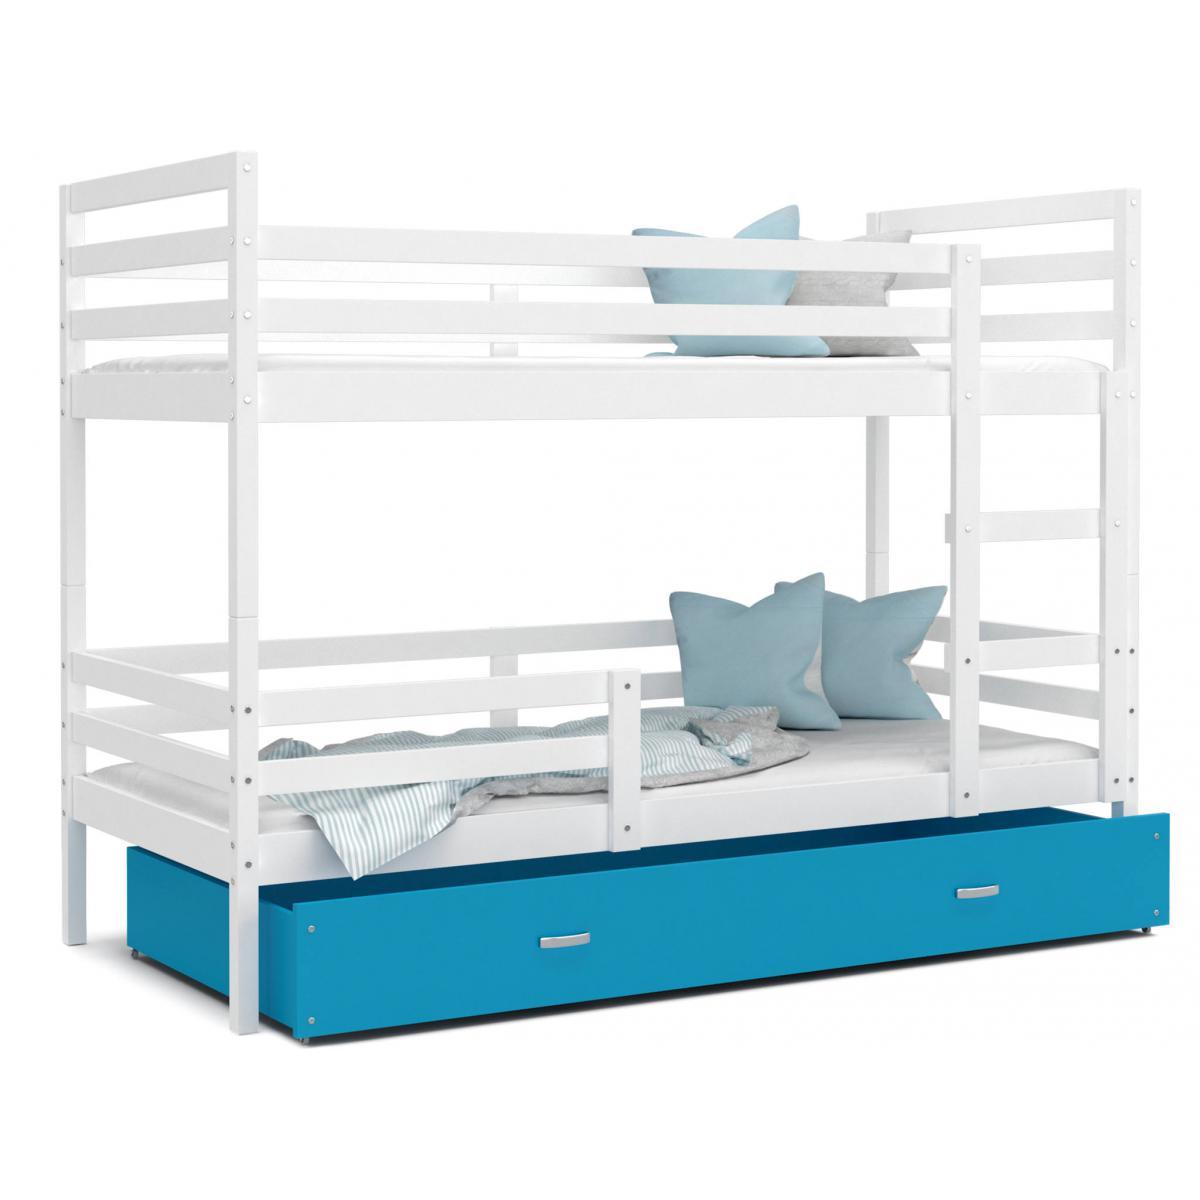 Kids Literie LIT superposé Milo 90x190 Blanc - Bleu livré avec sommier, tiroir et matelas de 7cm OFFERT.